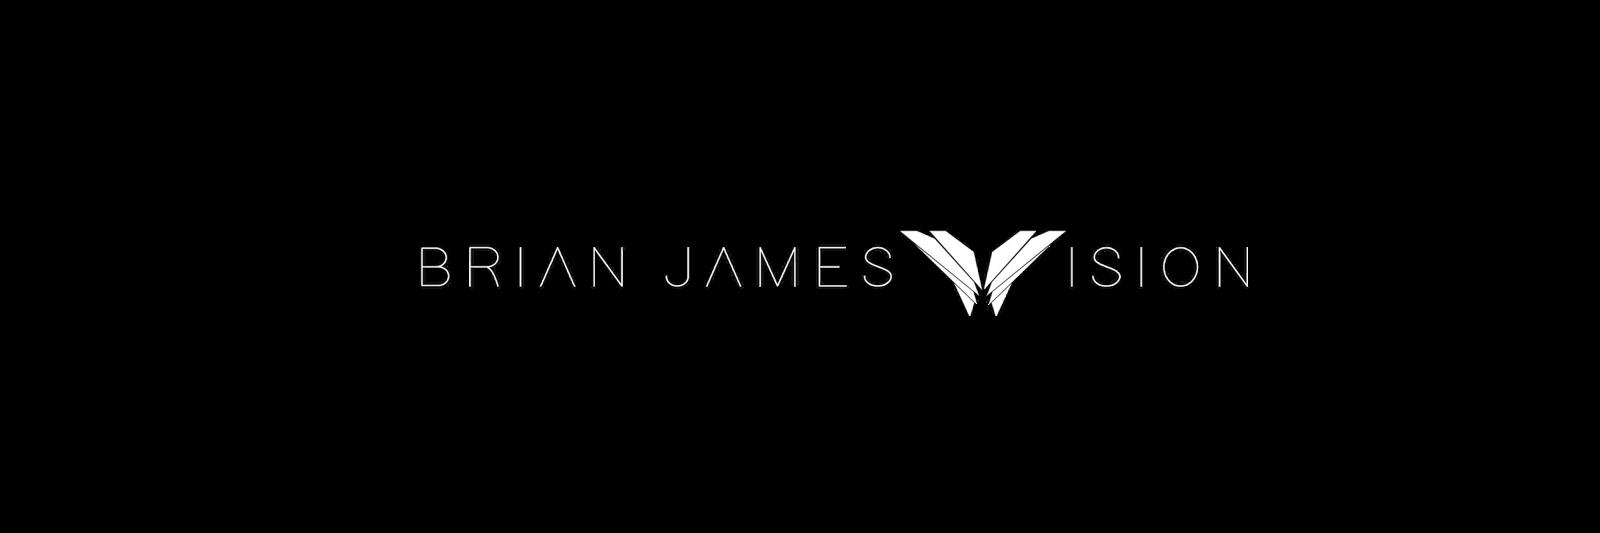 Brian James Vision